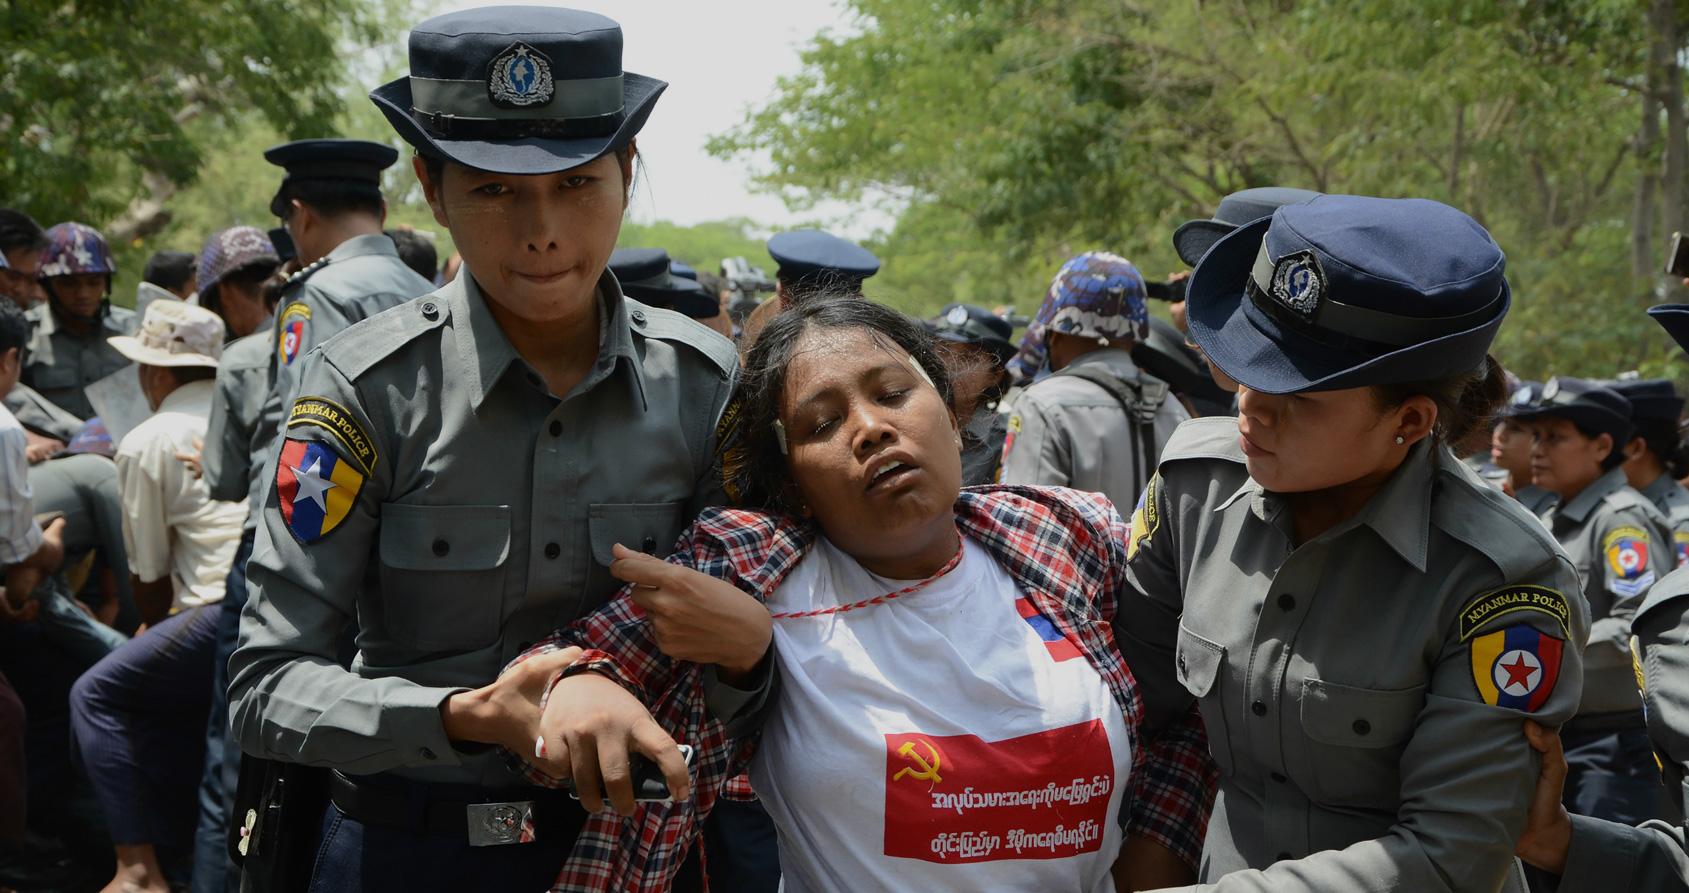 La Birmanie d'Aung San Suu Kyi ressemble de moins en moins à une démocratie